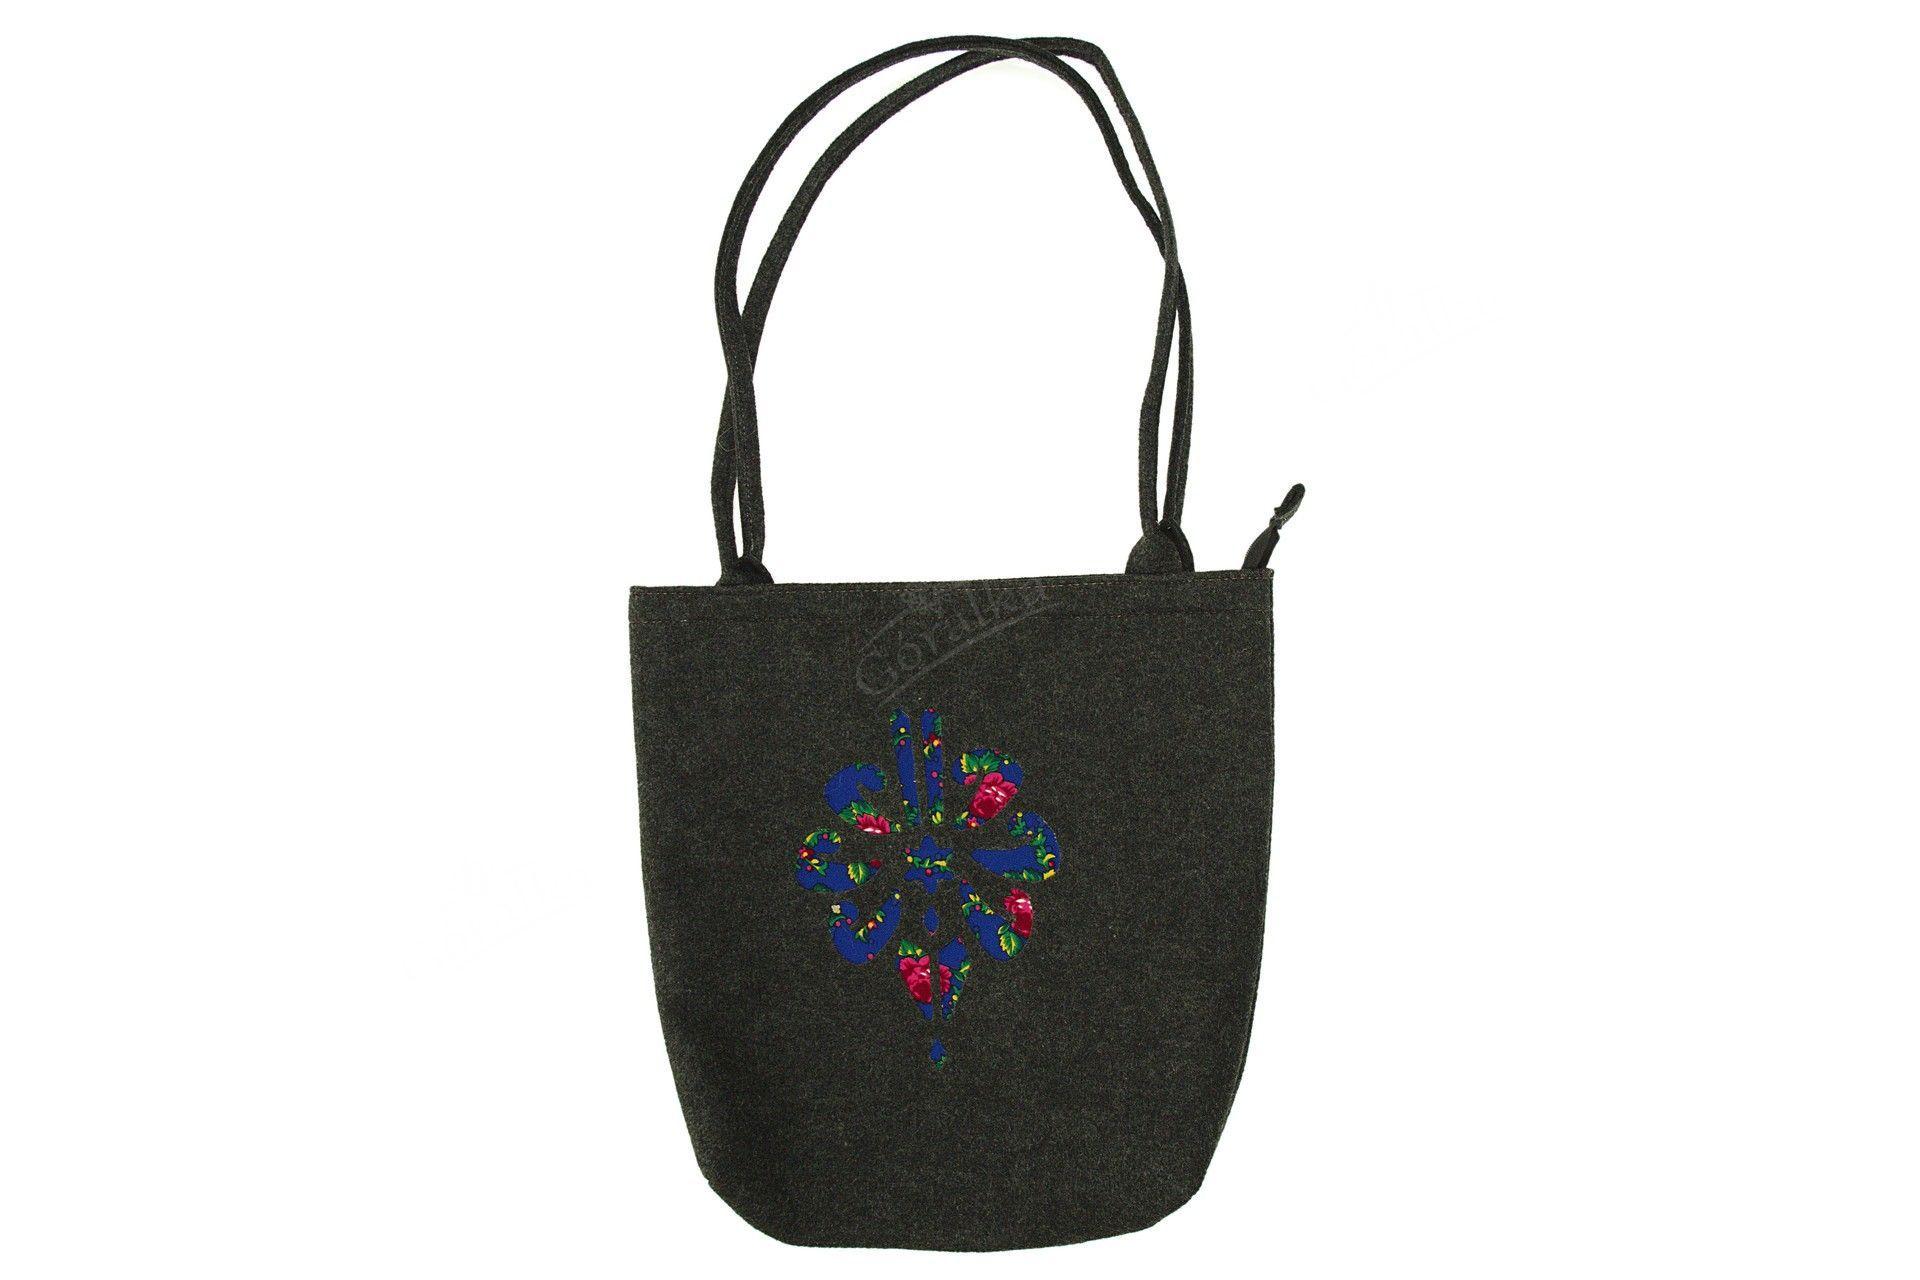 77b0d9d118bf9 Torebka filcowa góralska folk torba na zakupy czarna z parzenicą niebieską